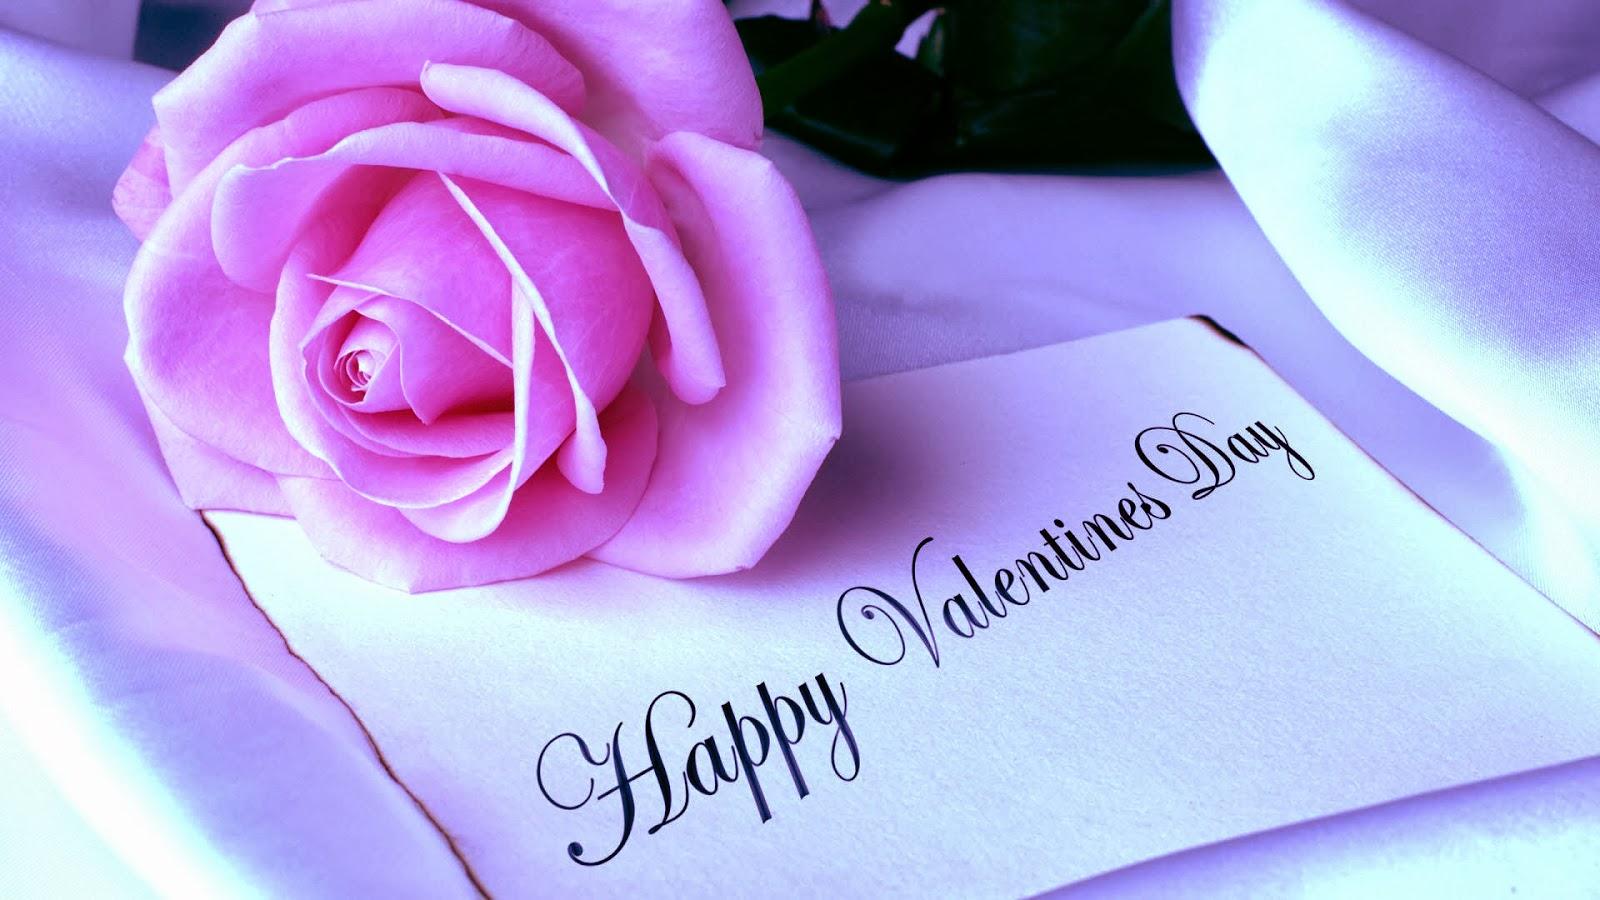 Valentines Day Happy Valentines Day Wallpaper